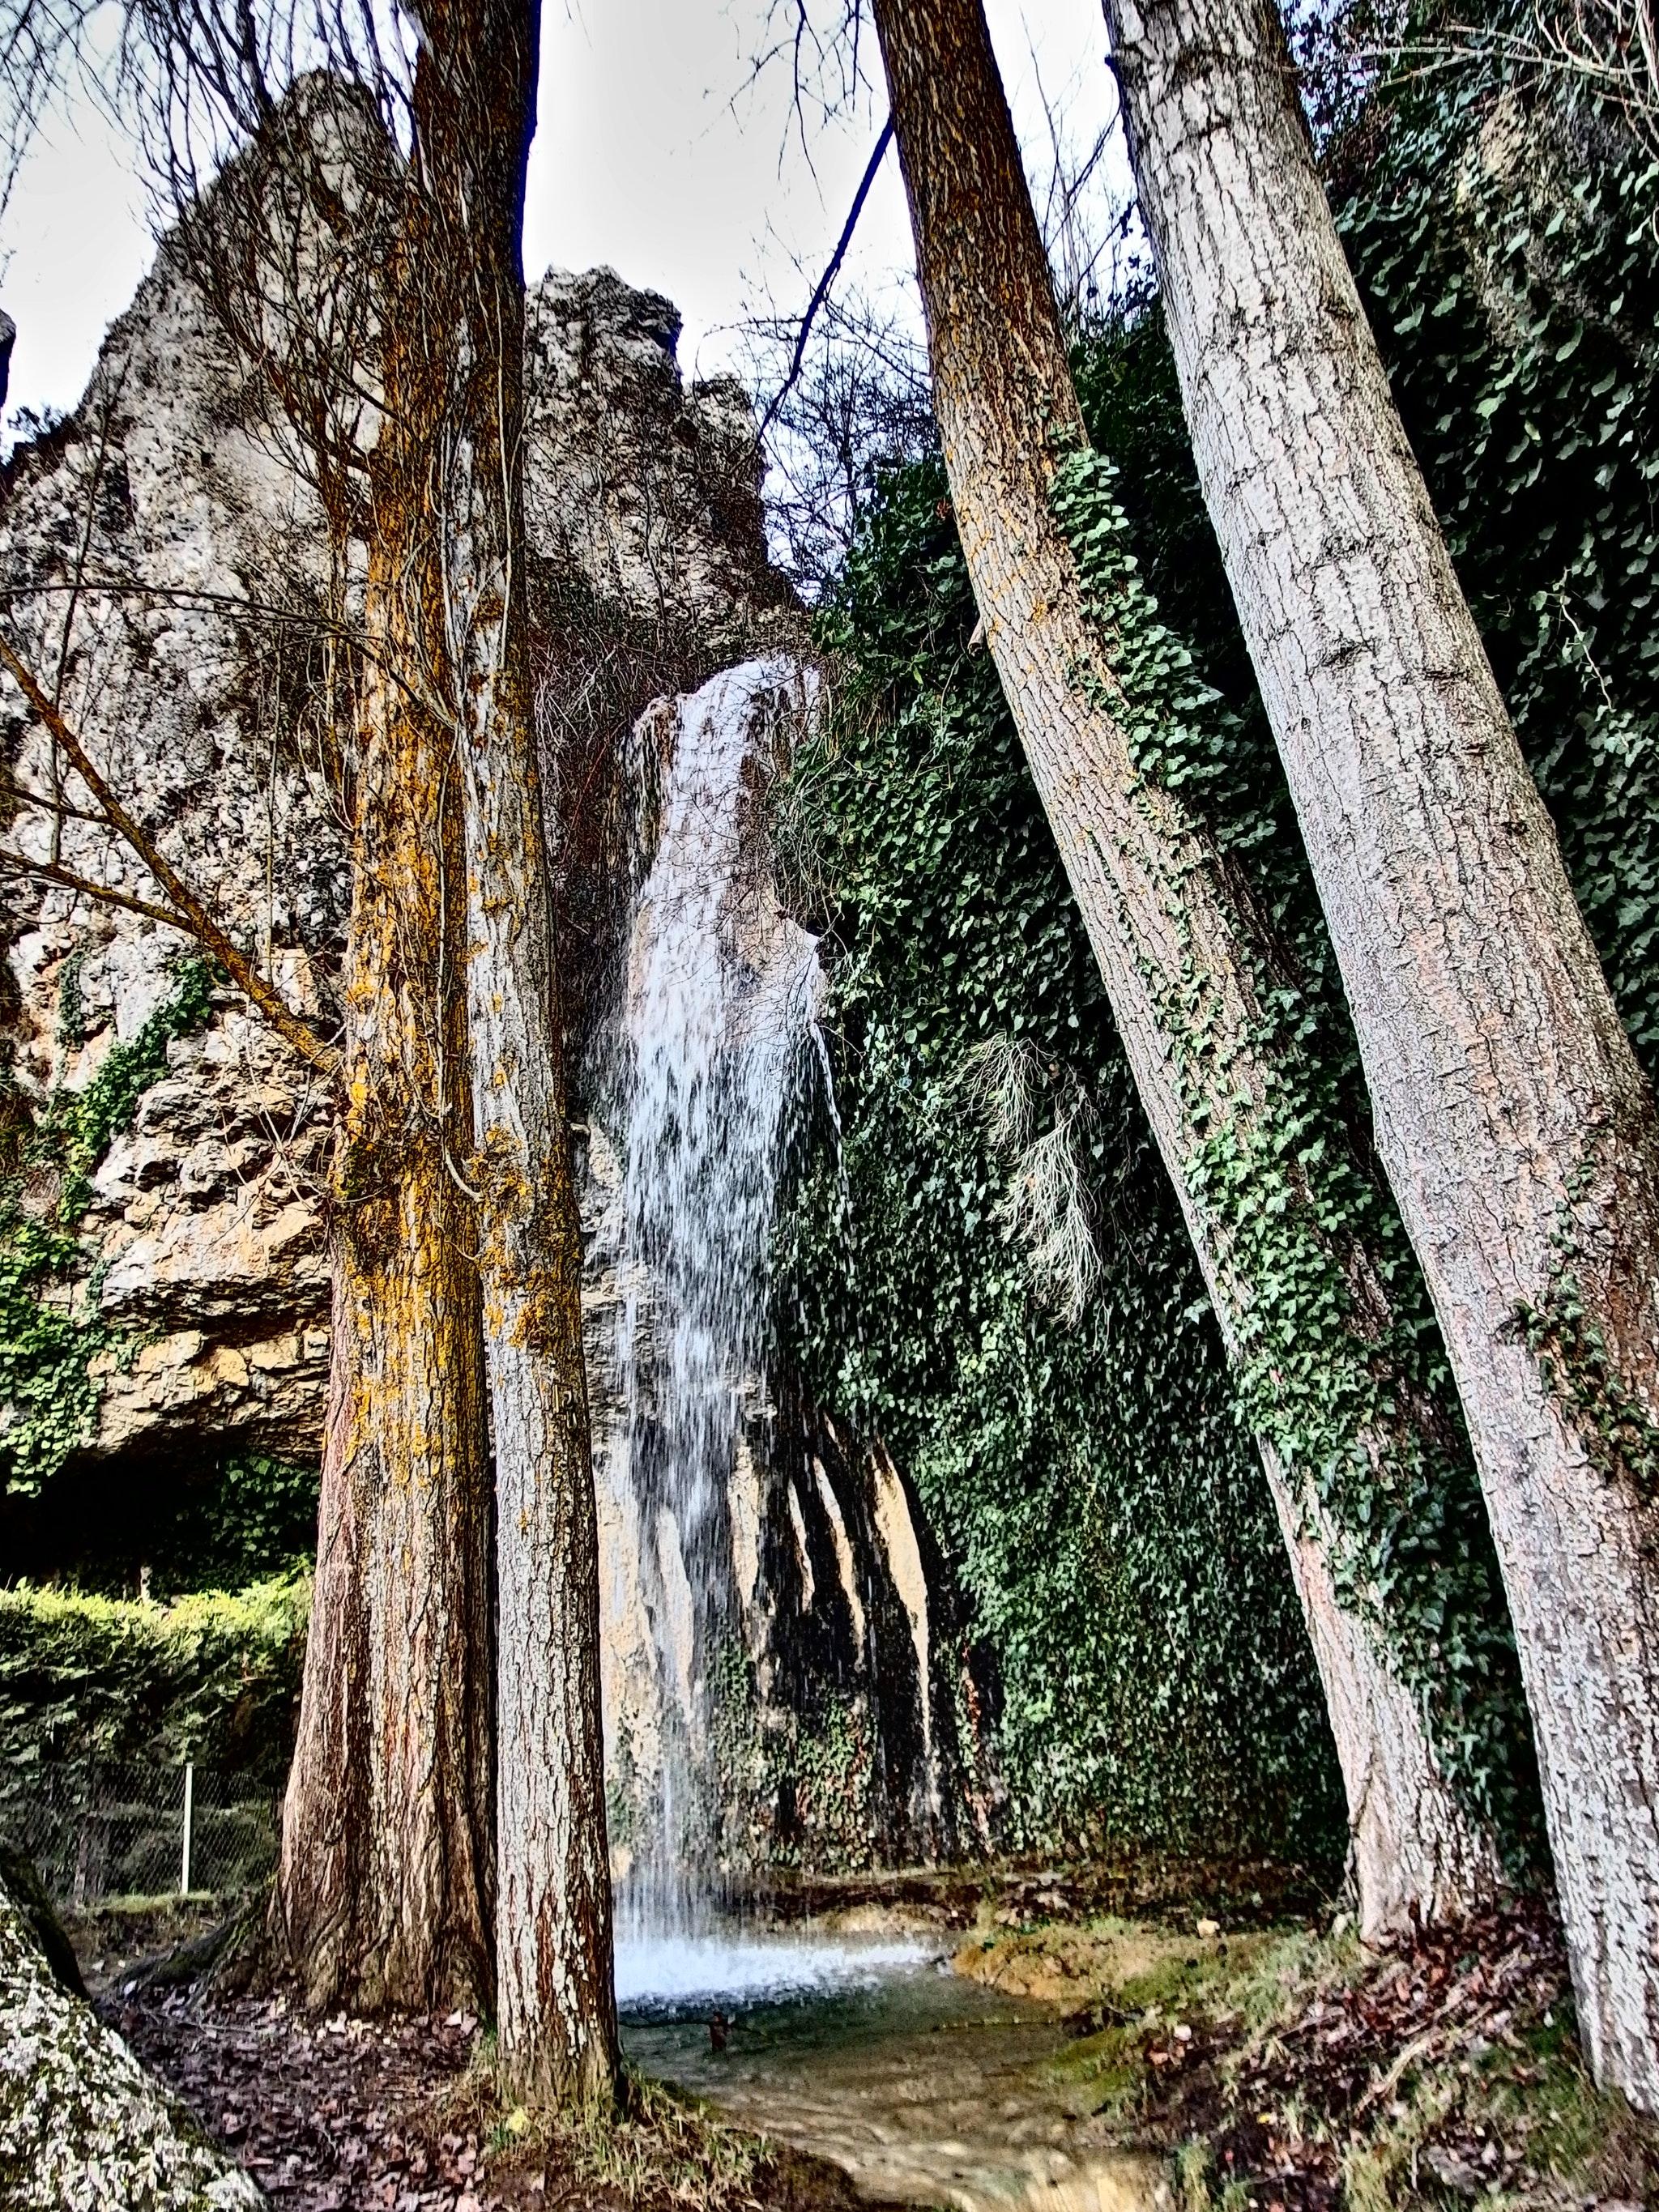 Ferienhaus Haus mit 5 Zimmern in Fuenteodra mit toller Aussicht auf die Berge, eingezäuntem Garten un (2211142), Fuenteodra, Burgos, Kastilien-León, Spanien, Bild 73